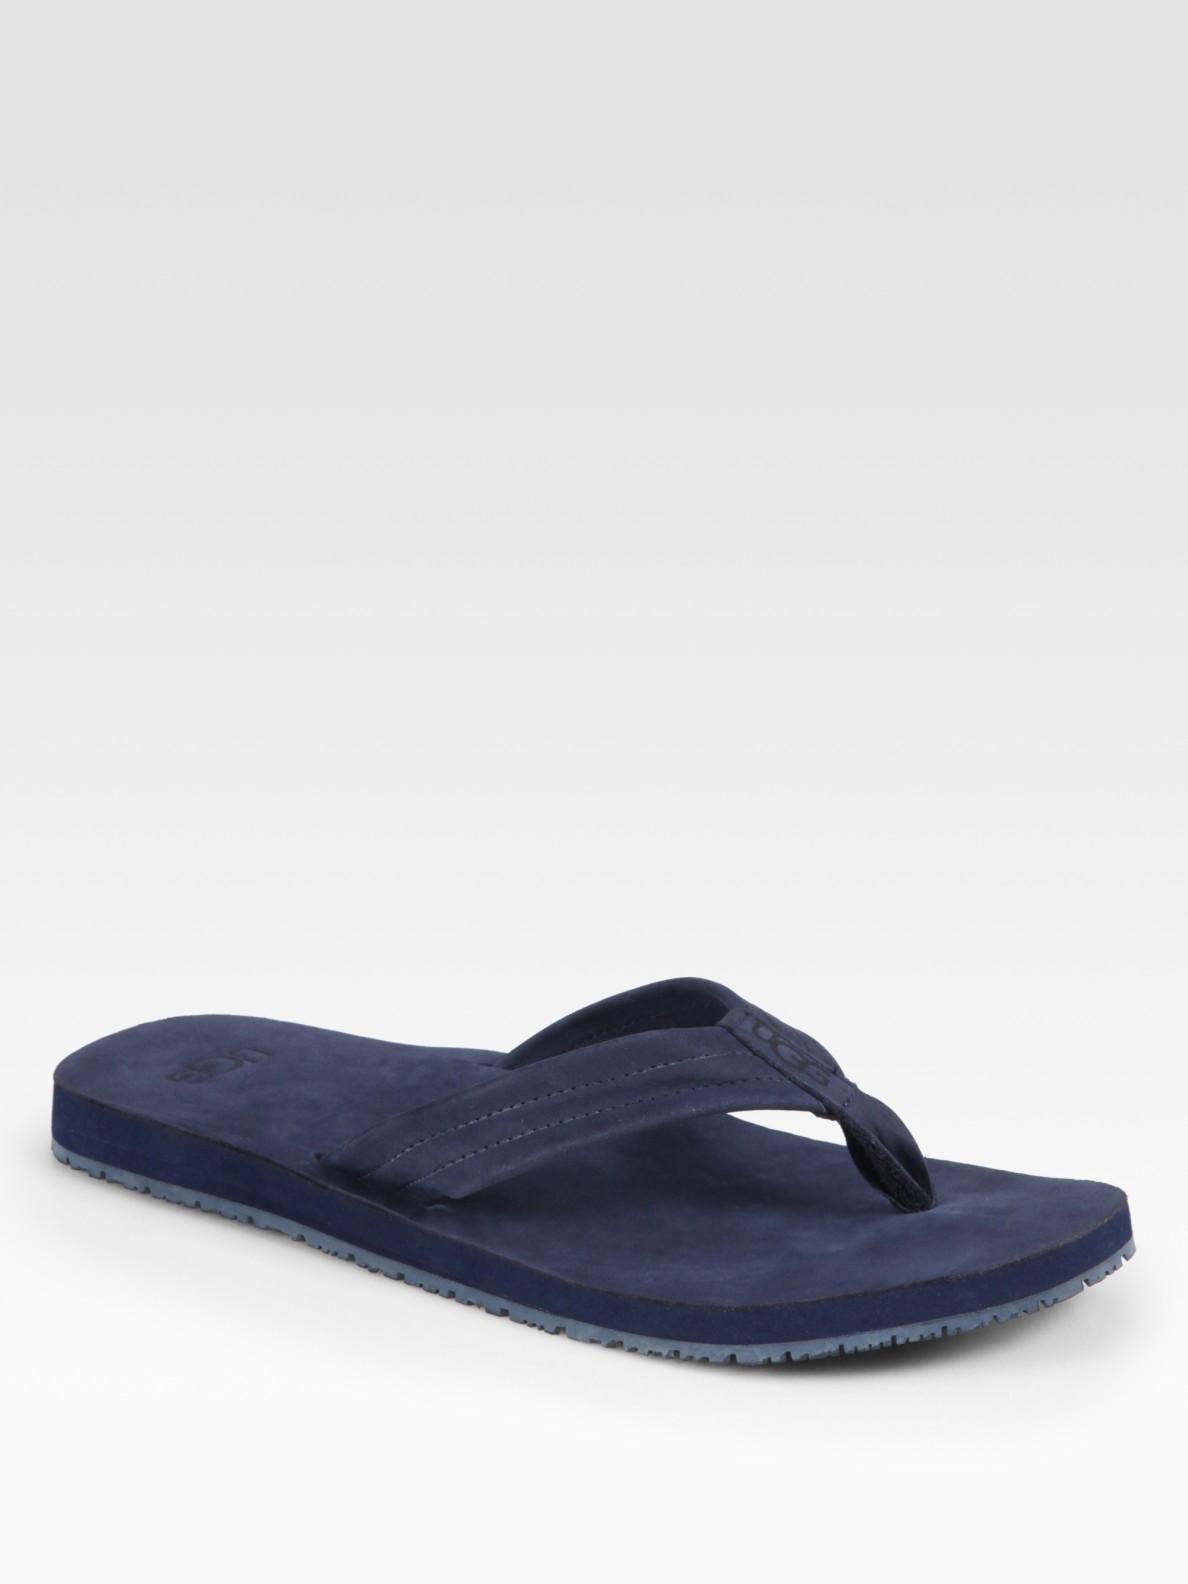 ugg suede flip flops in blue for men navy lyst. Black Bedroom Furniture Sets. Home Design Ideas